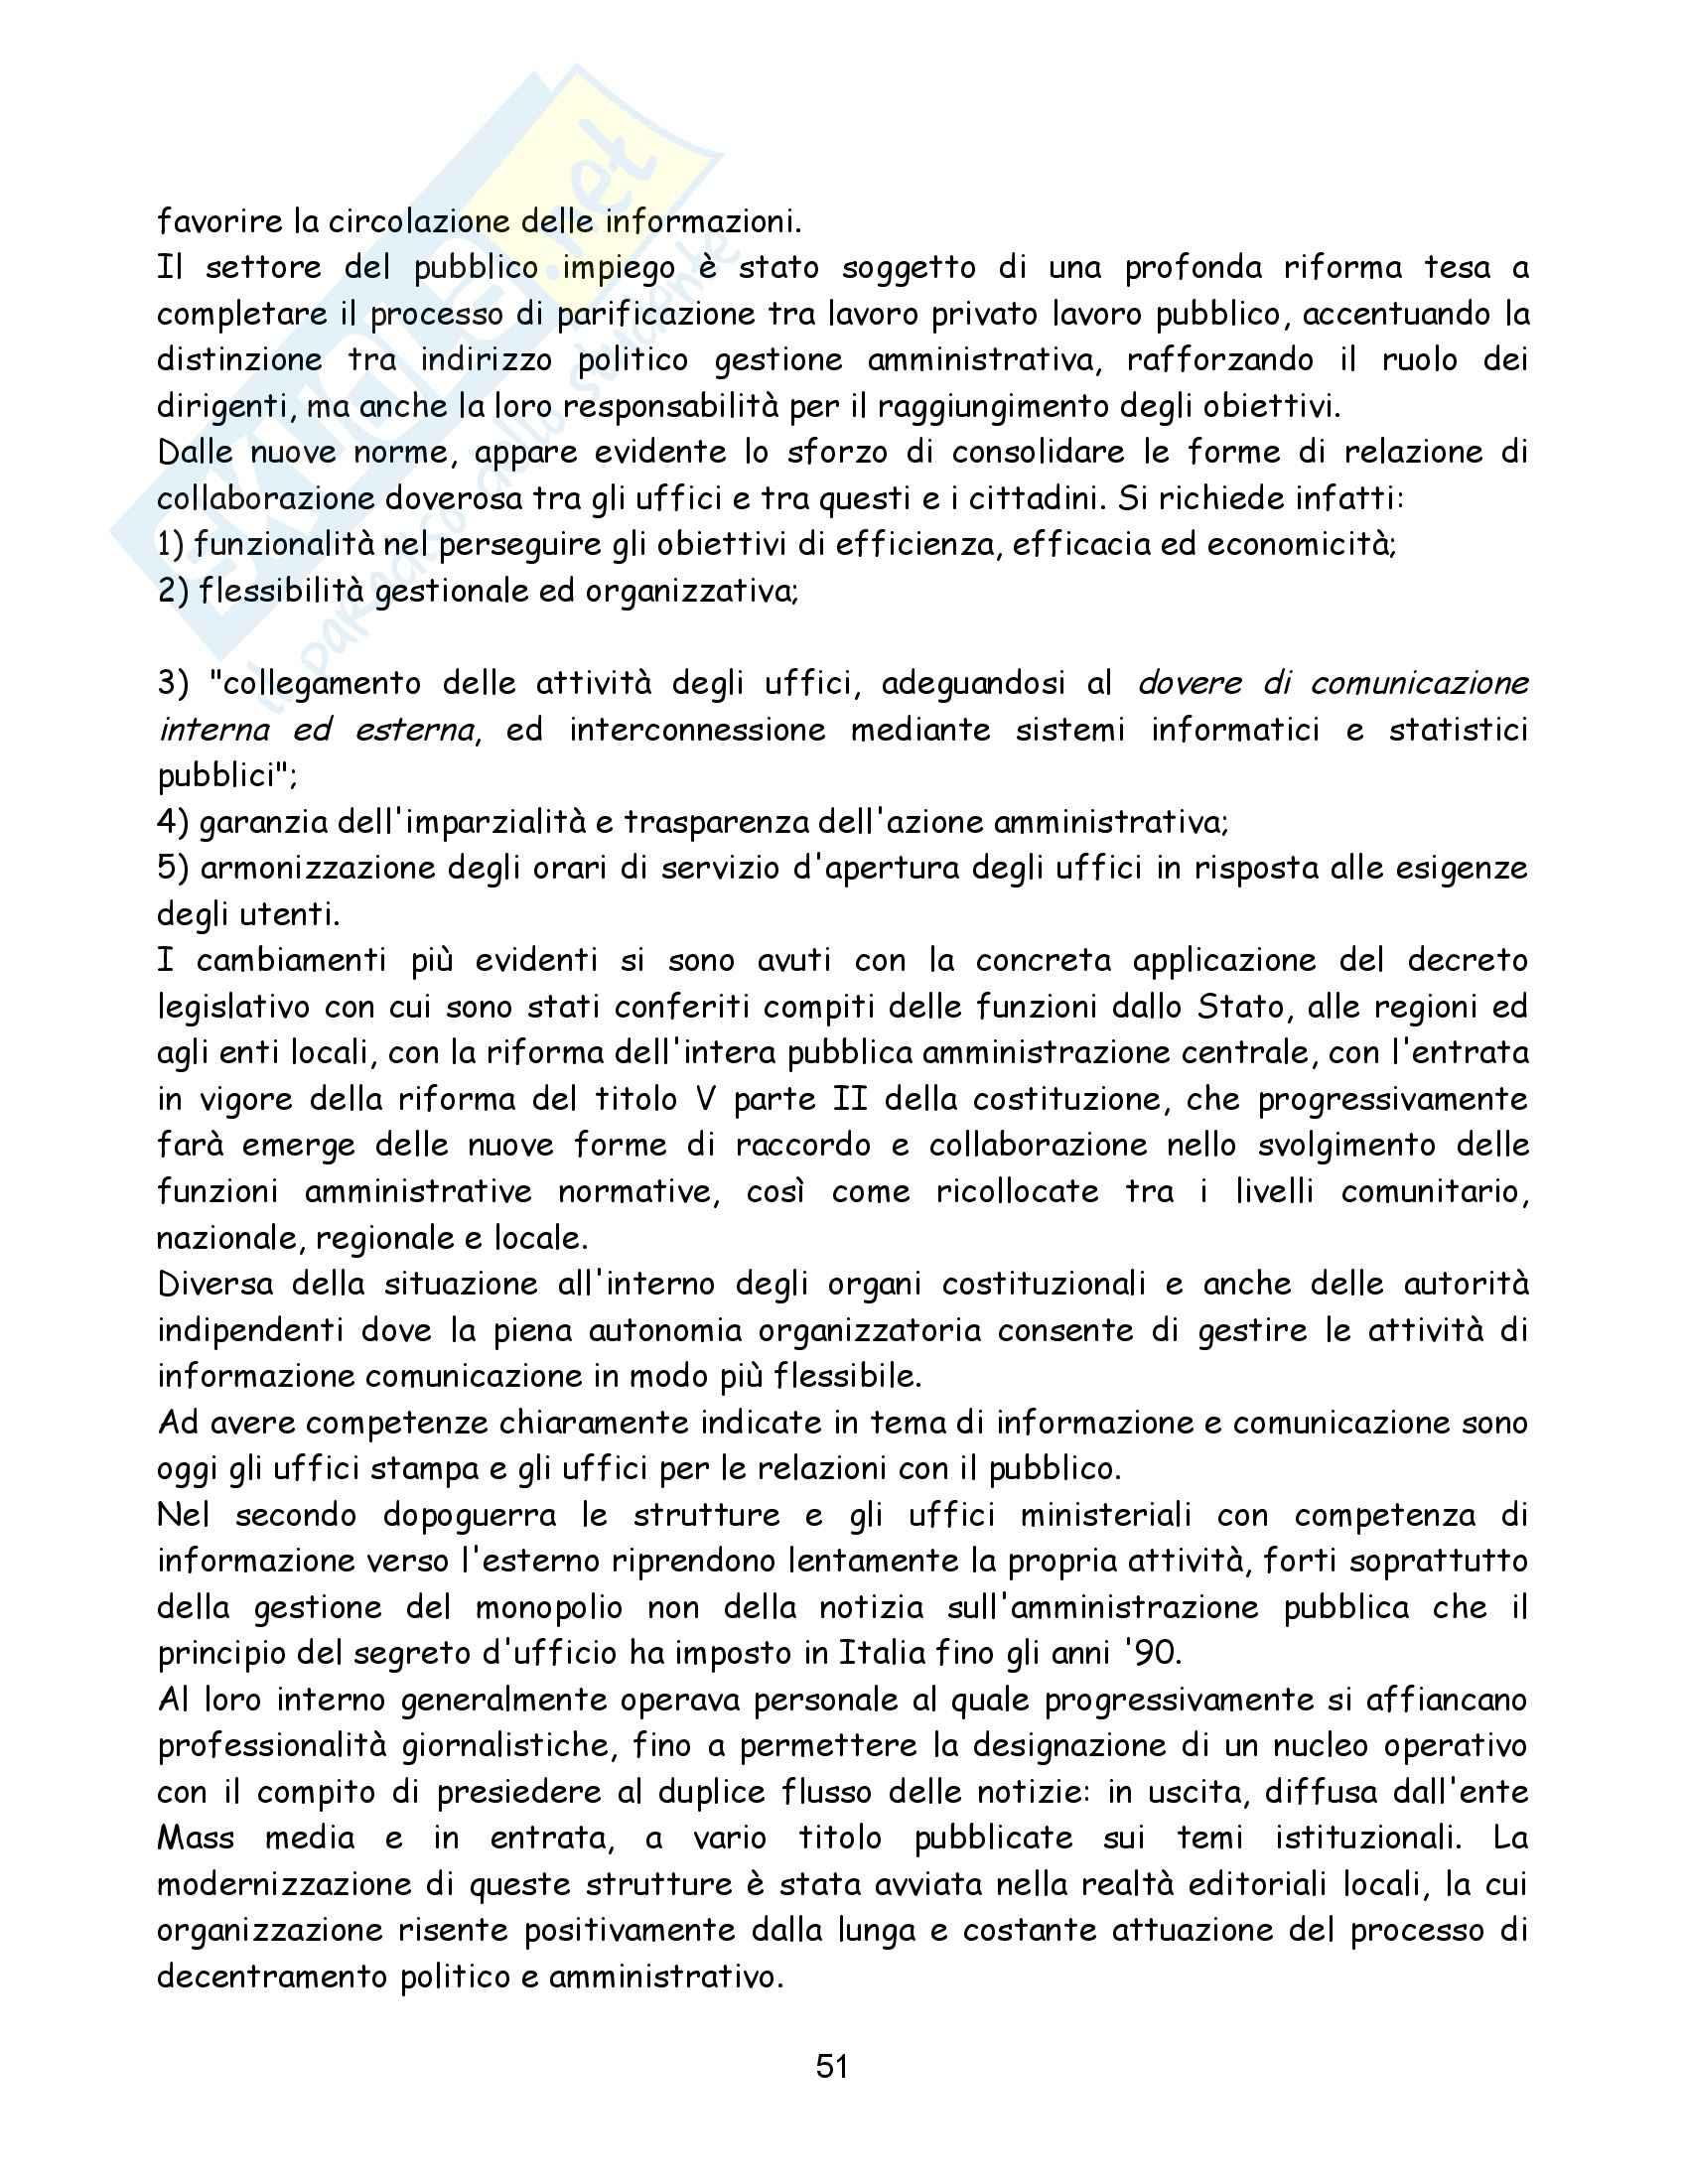 Riassunto esame Diritto dell'Informazione e della Comunicazione, prof. Gardini, libro consigliato Diritto dell'Informazione e Comunicazione, Colarullo Pag. 51